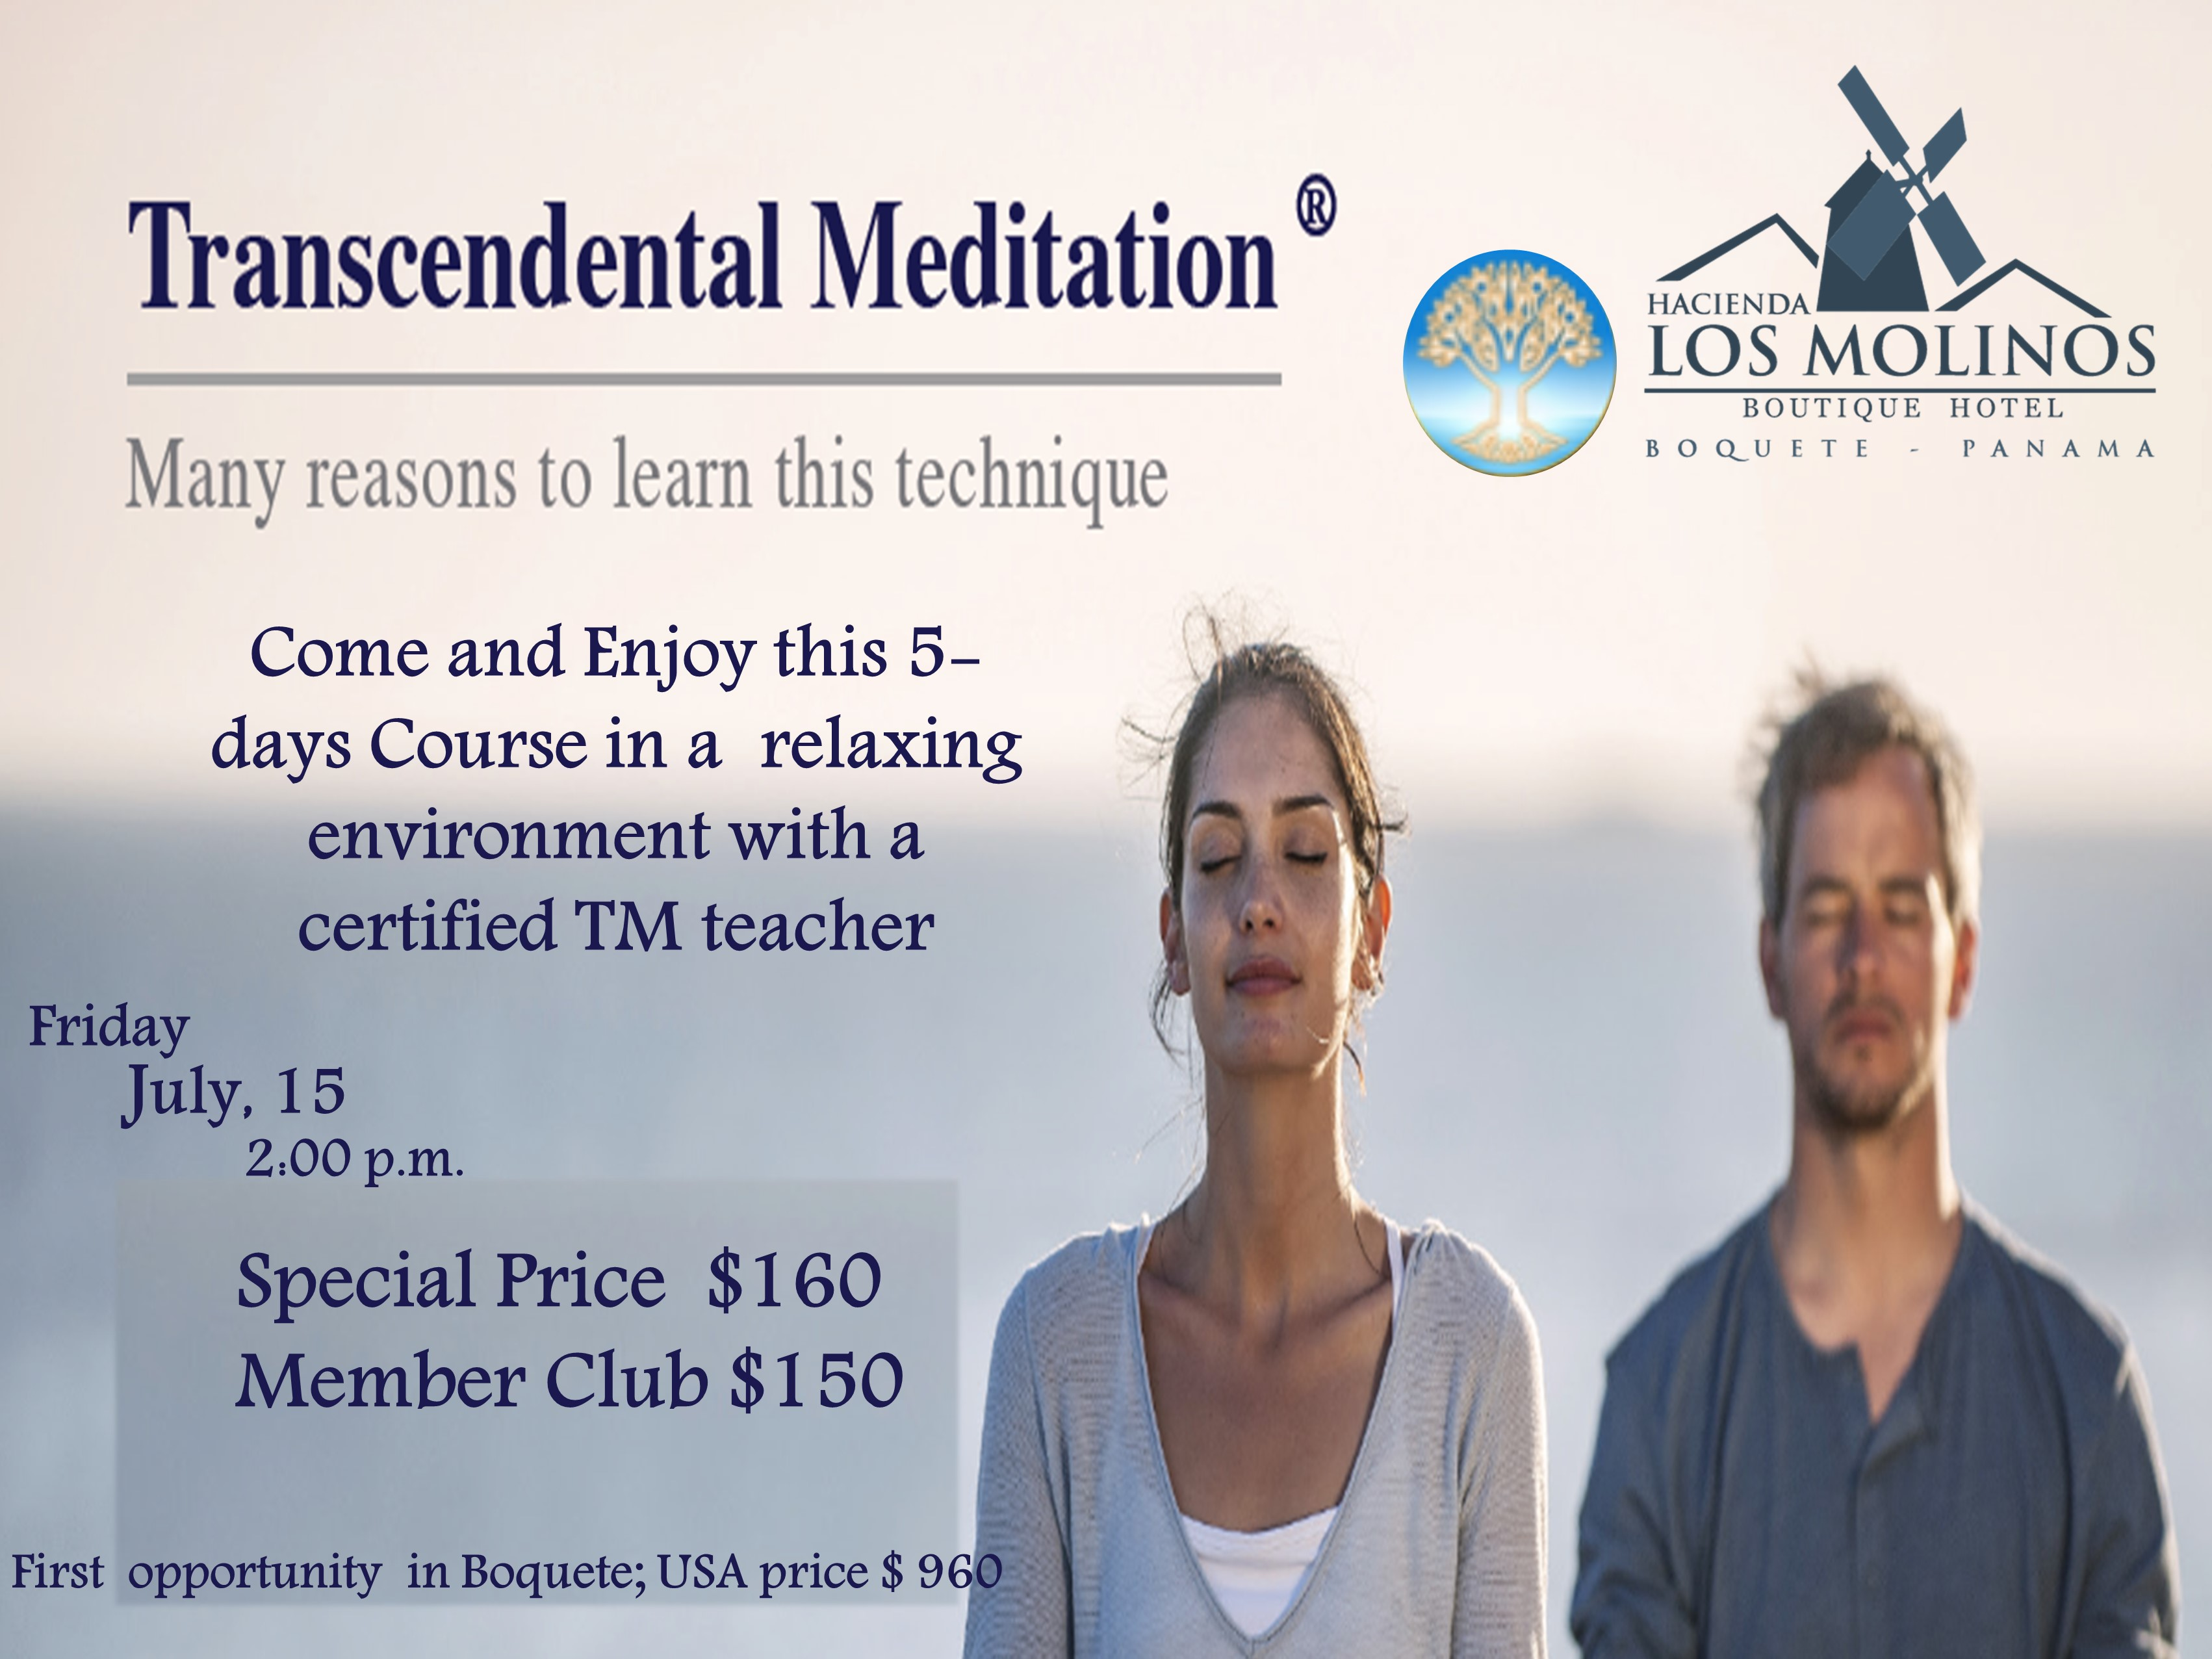 Transcendental Meditation Community Events Calendar Chiriqui